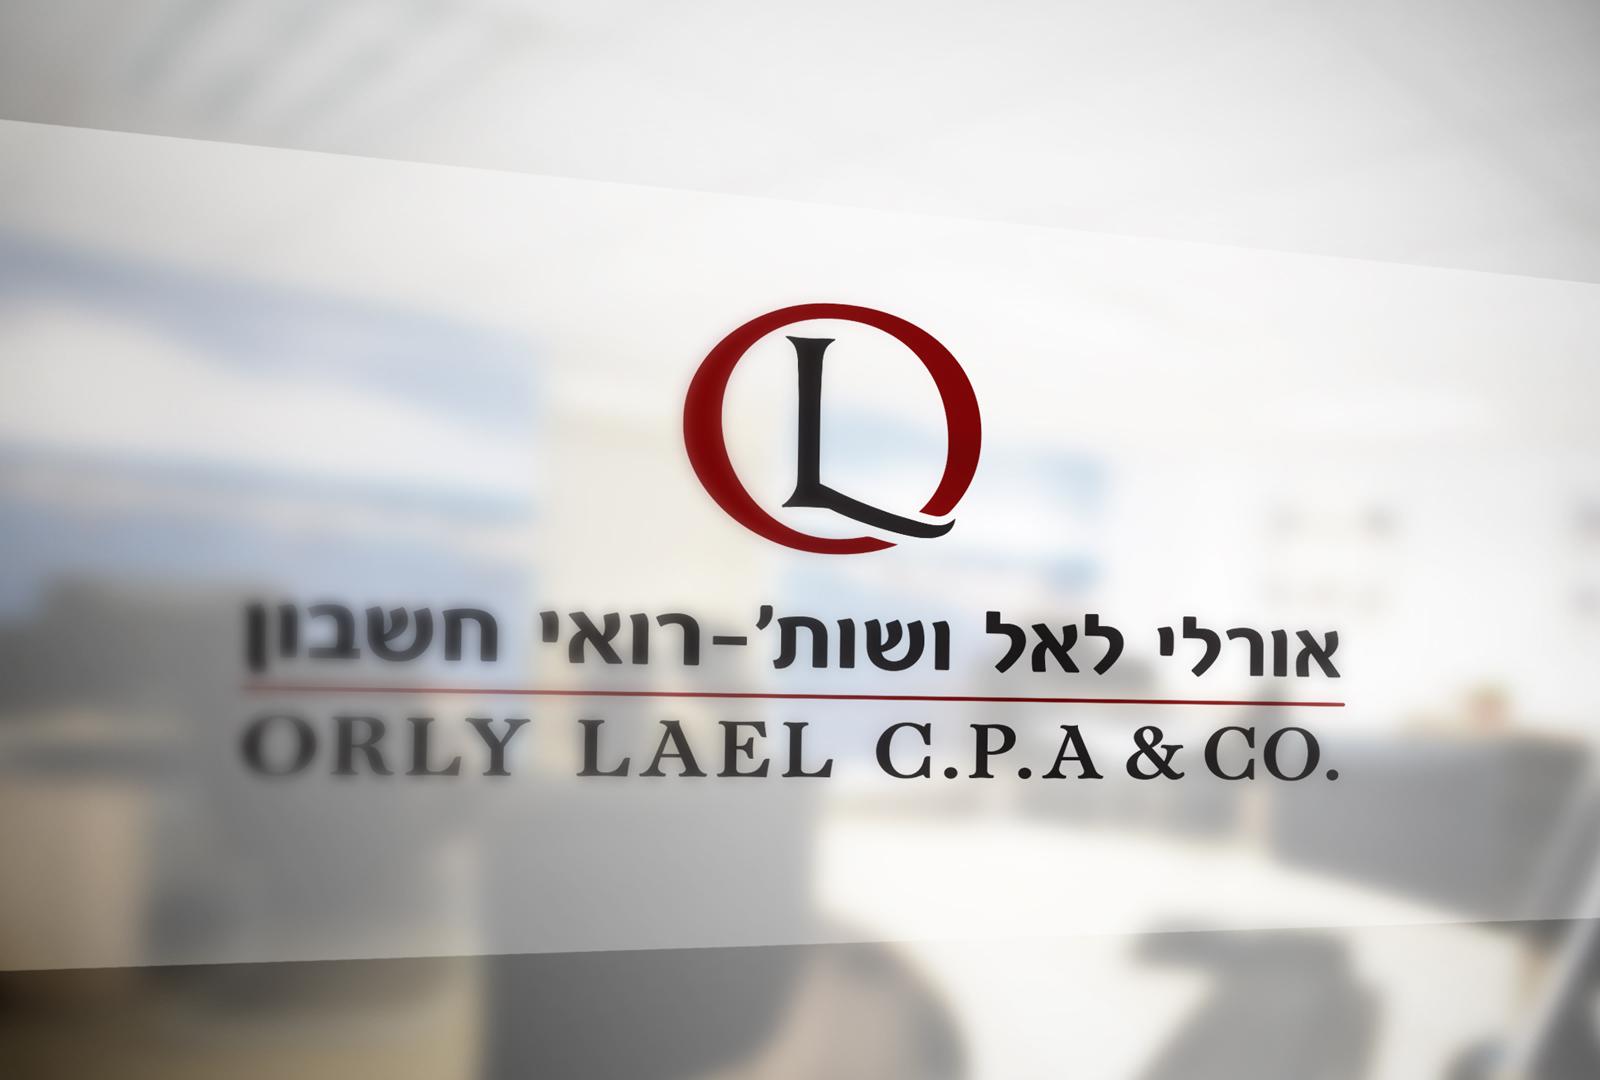 עיצוב לוגו יועצת מס ורואת חשבון